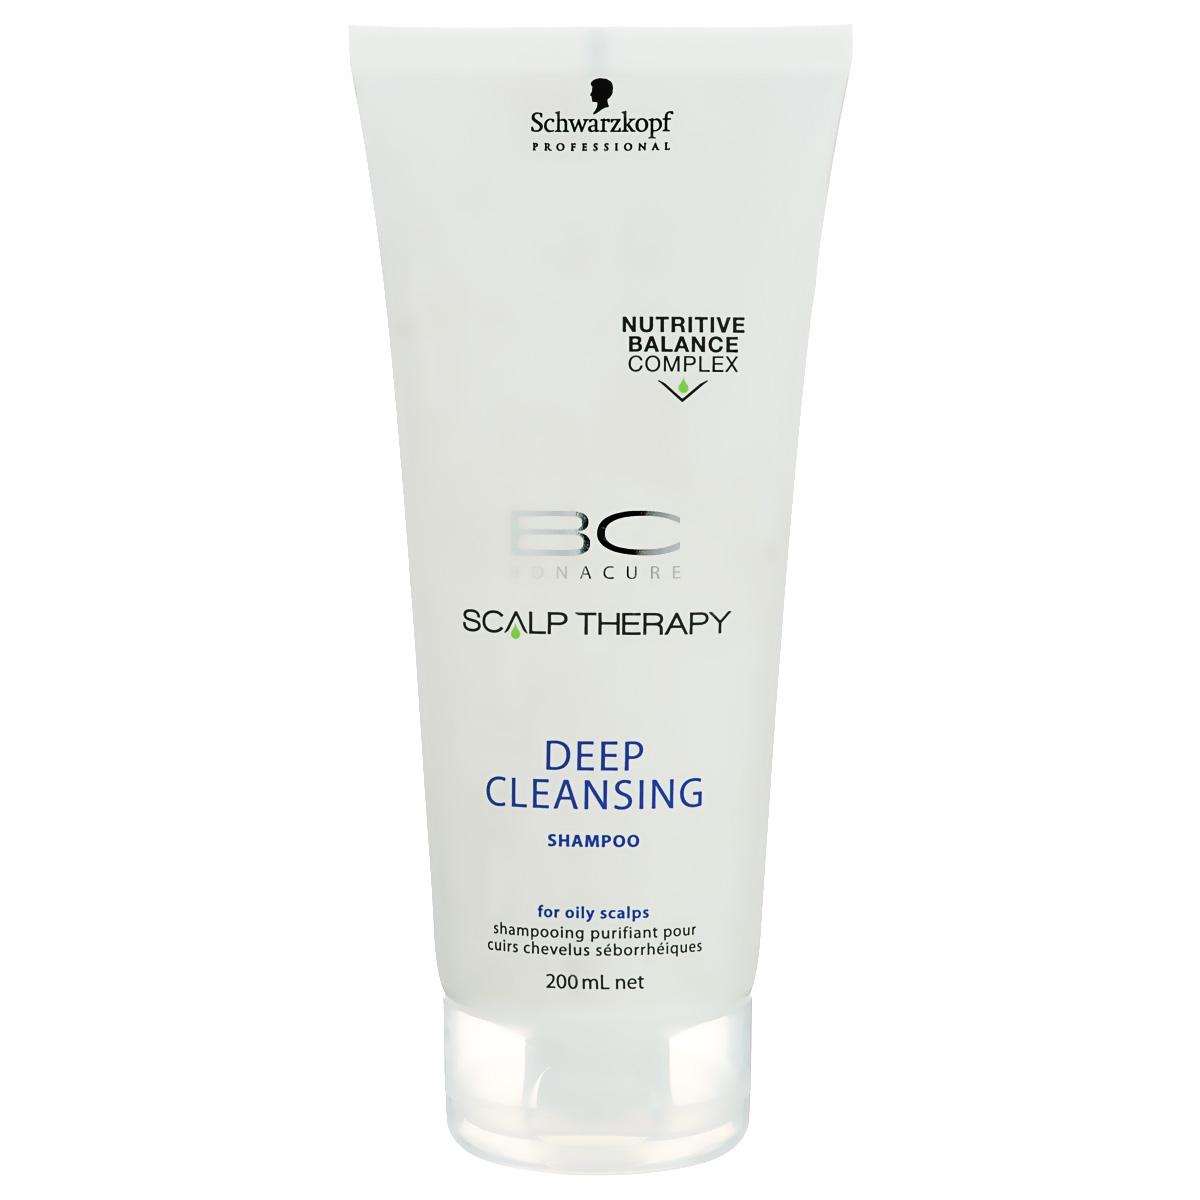 Bonacure Шампунь для глубокого очищения Scalp Therapy Deep Cleansing Shampoo 200 мл1753144Очищающий шампунь для всех типов волос, выглядящих маслянистыми и для жирной кожи головы. Поверхностно - активные вещества, полученные из кокоса мягко, но эффективно очищает кожу головы. Благодаря ментолу шампунь оставляет ощущение чистоты и свежести. Пантенол поддерживает необходимый баланс влаги.